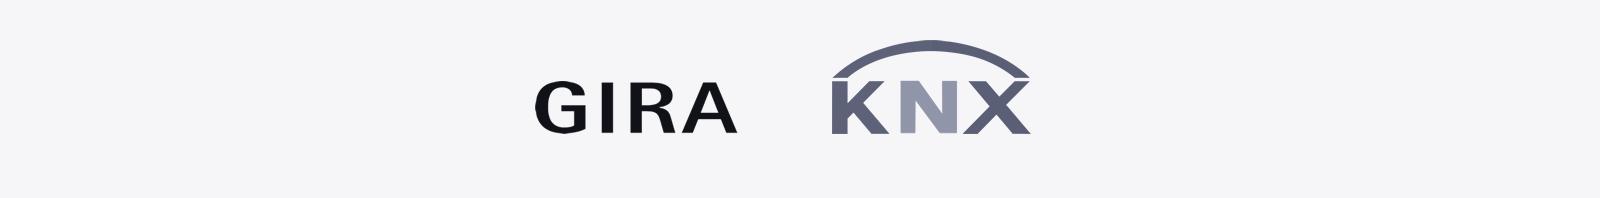 page_smarthome_logos